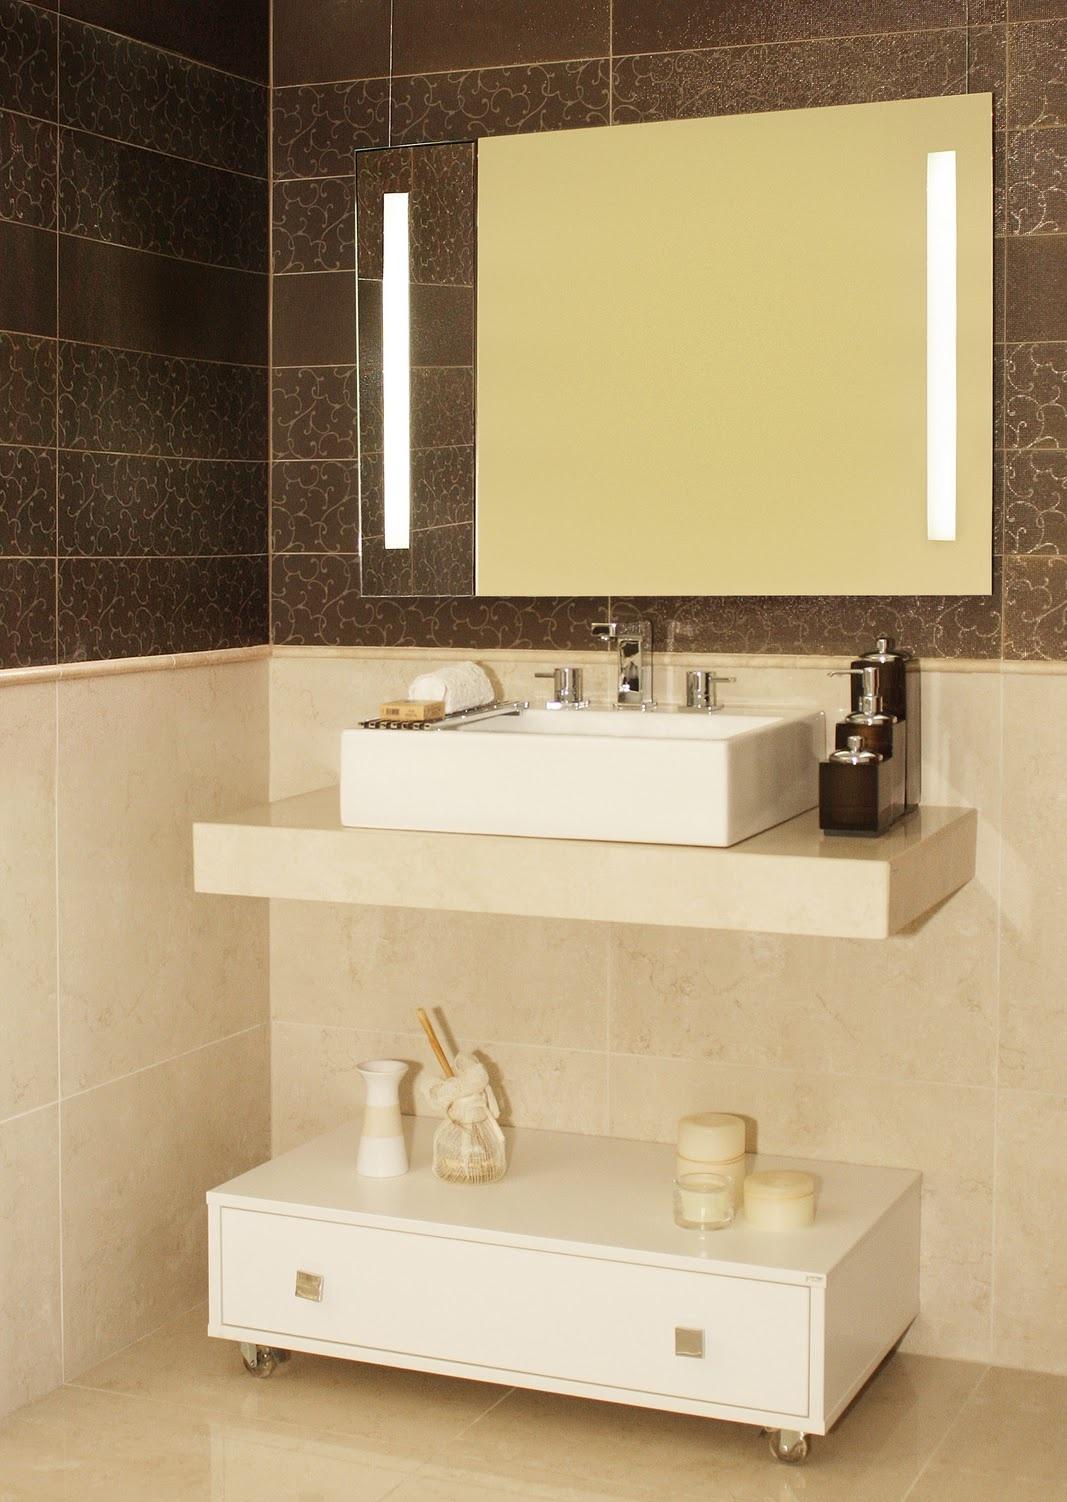 Espelhos para banheiros com luz Decorando Casas #956B36 1067 1502